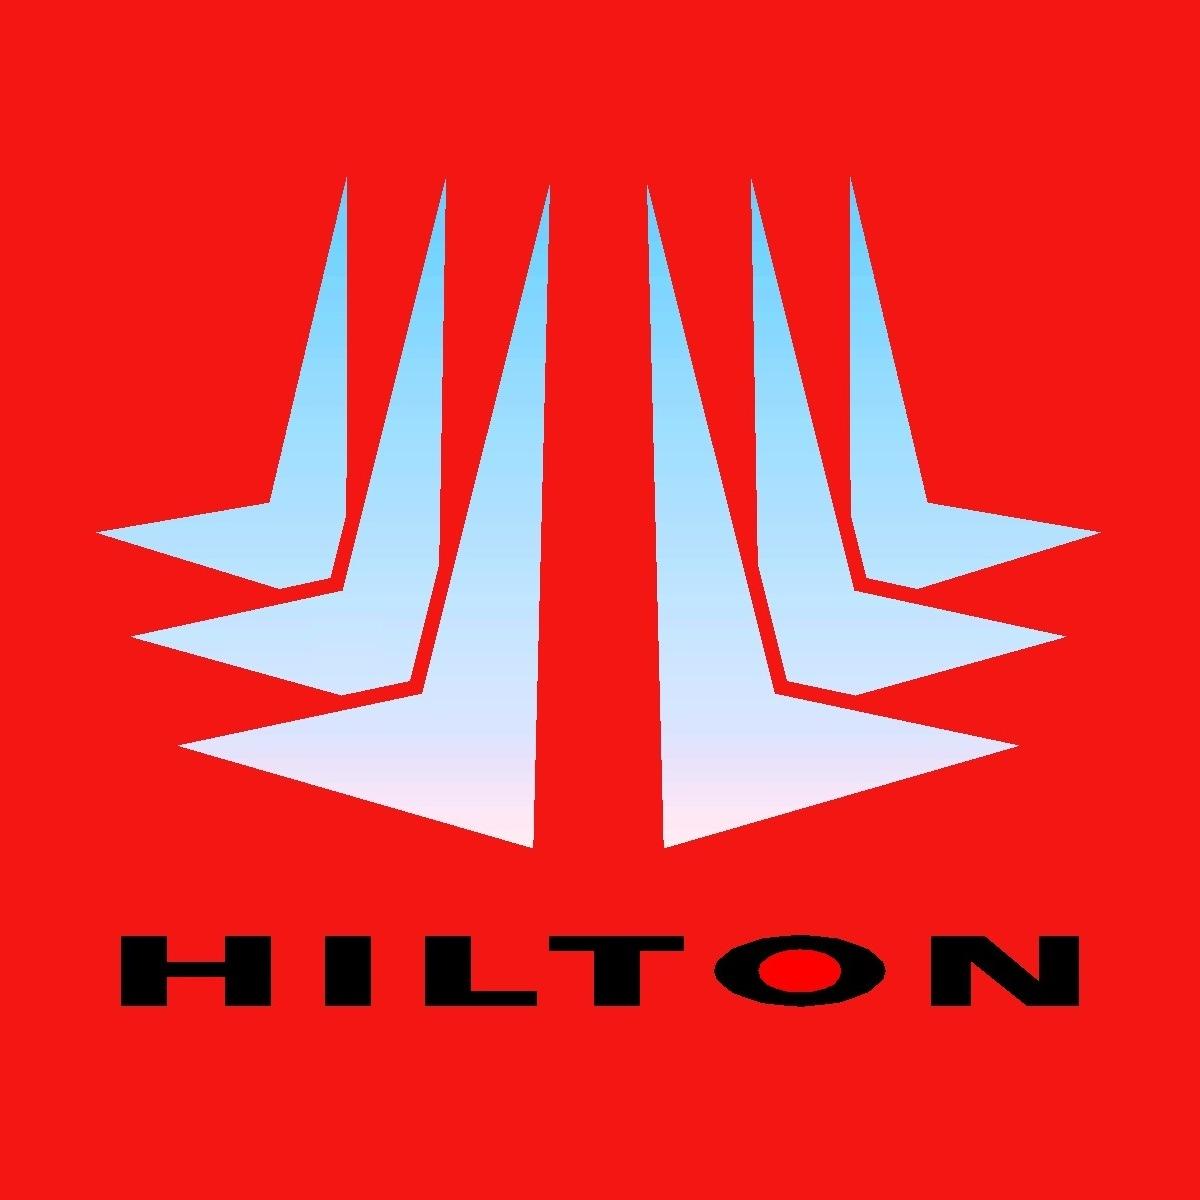 HILTON LOGO 1200x1200